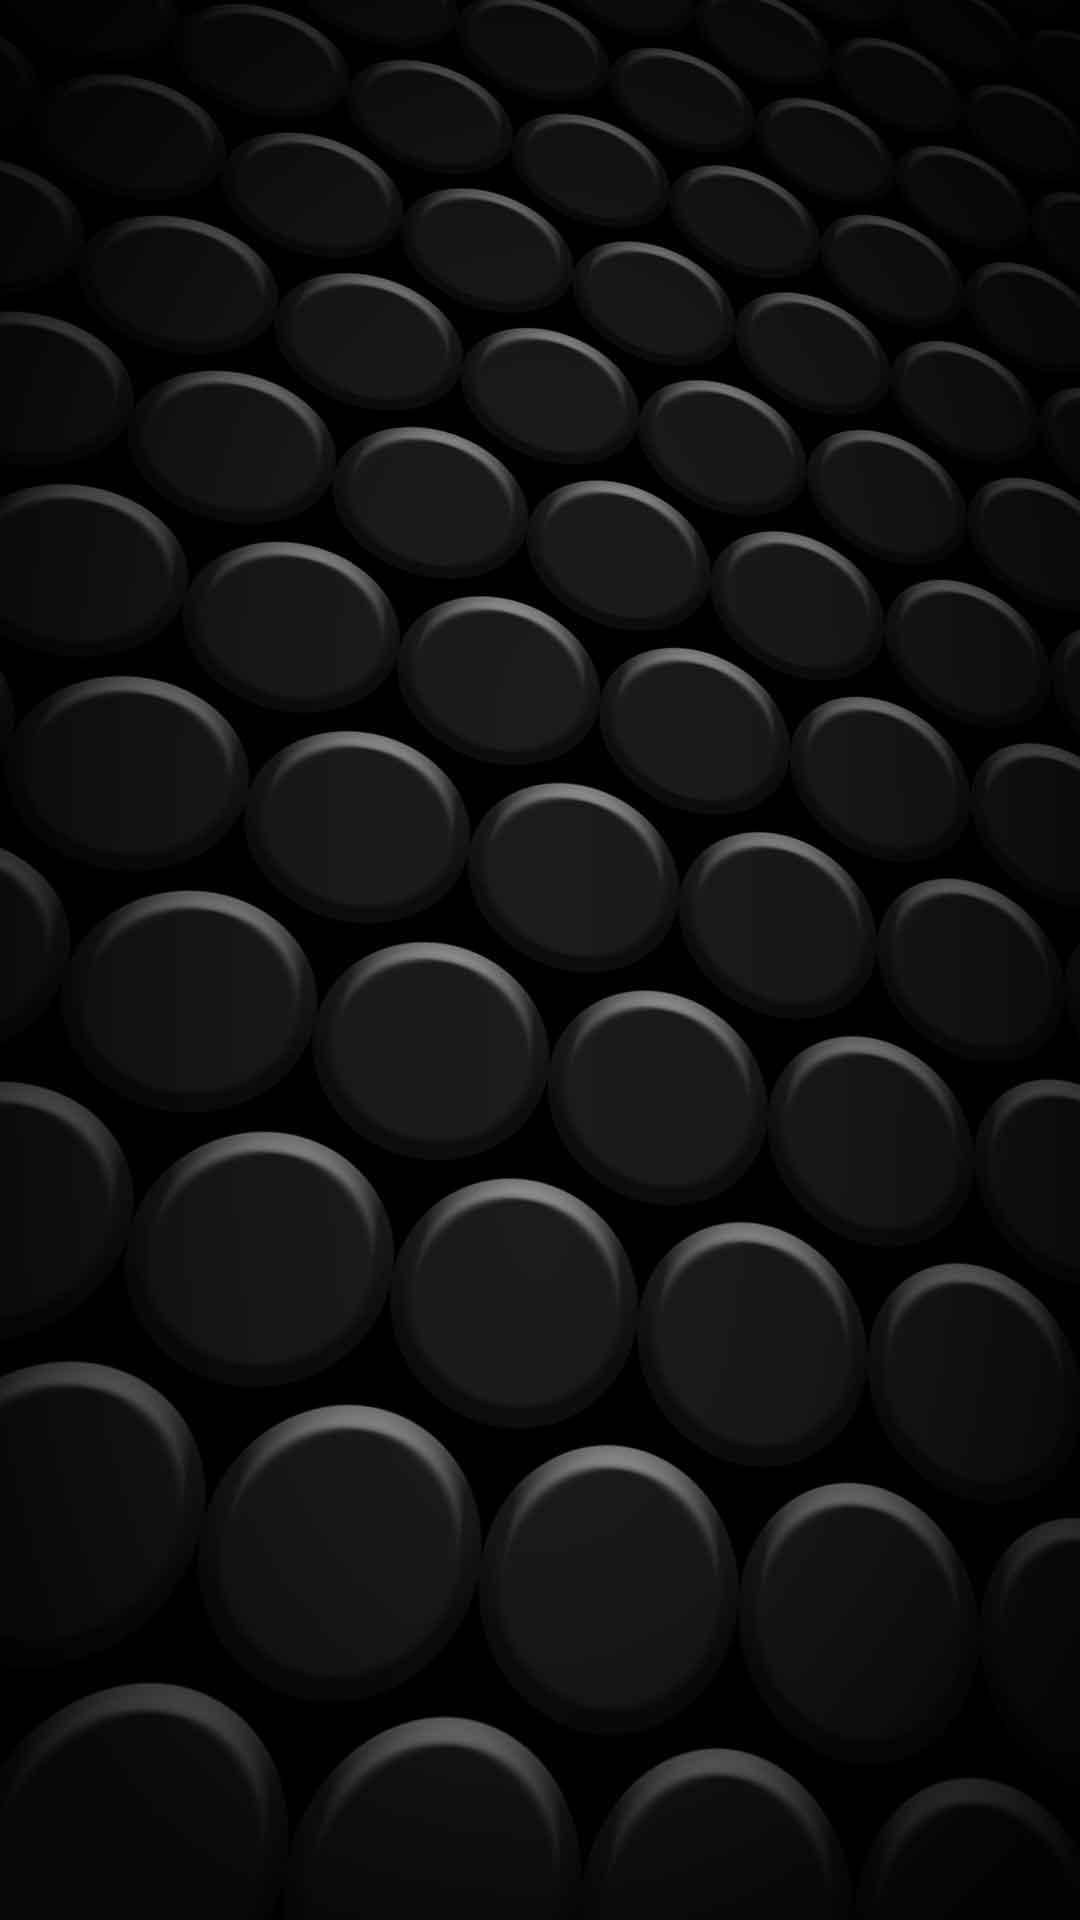 dark black wallpaper